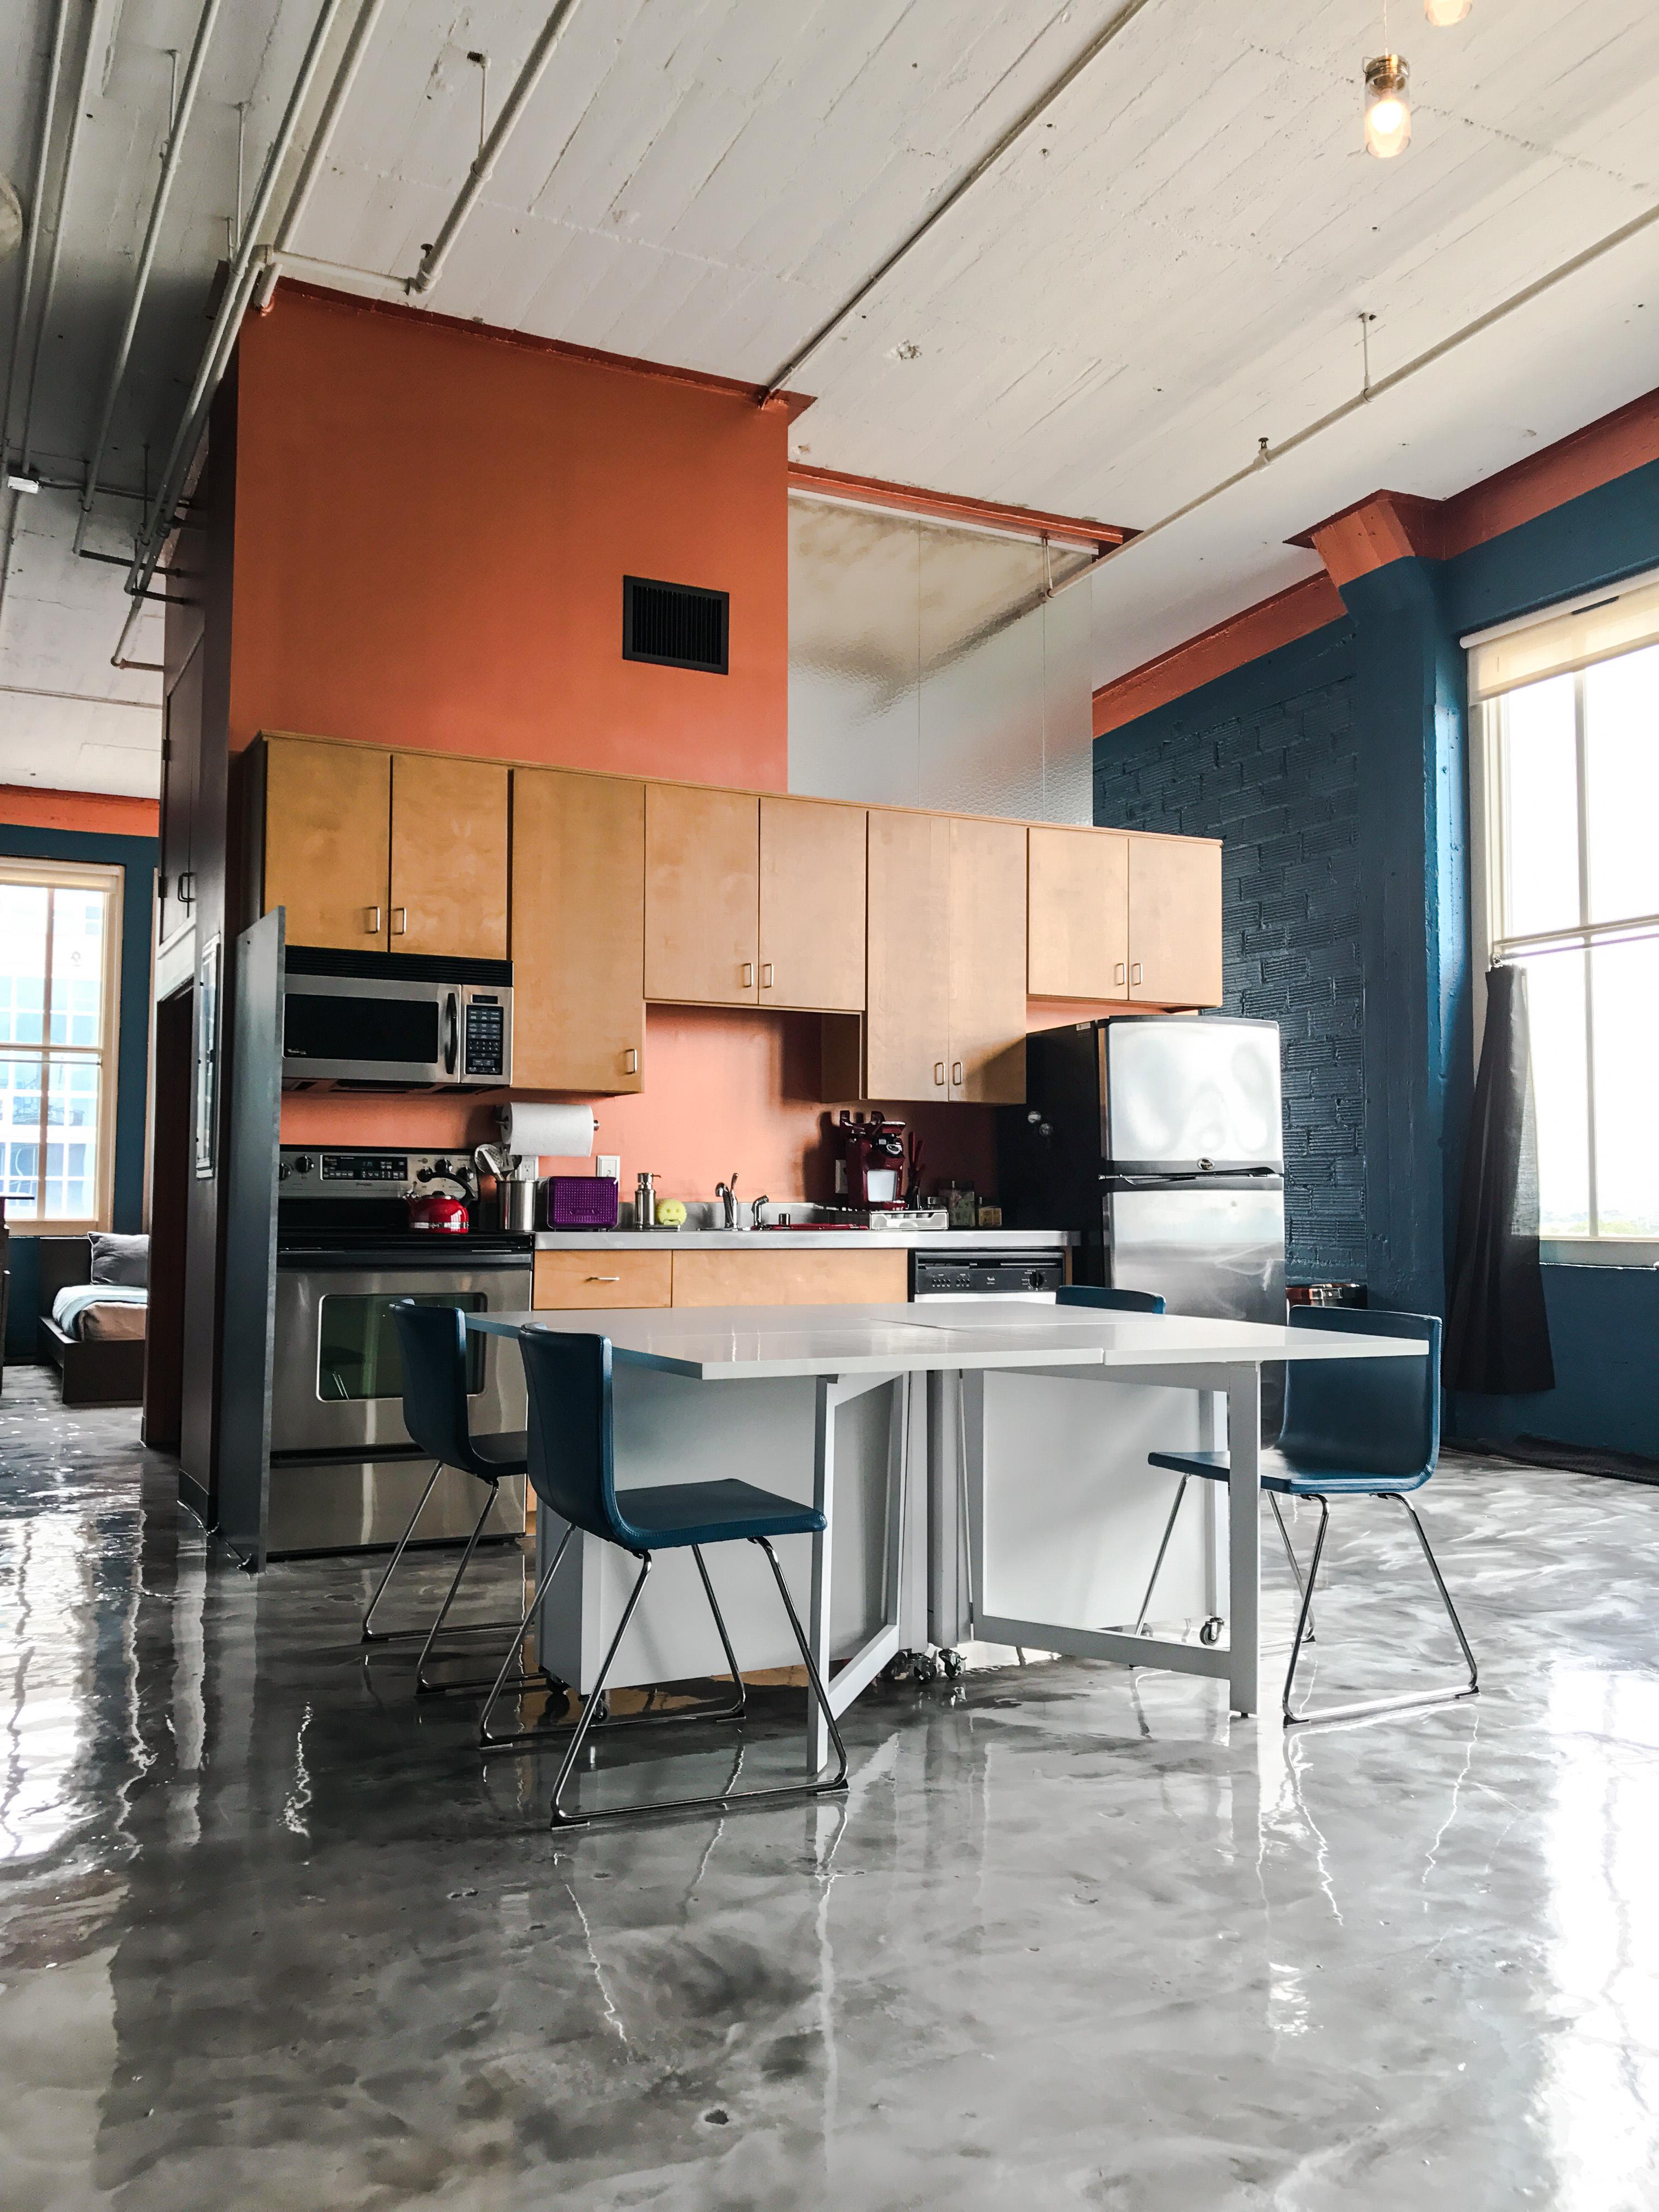 Loft Reverie Hotel 806 - Convenient Kitchen + Dining + Living + Louisville Loft Life